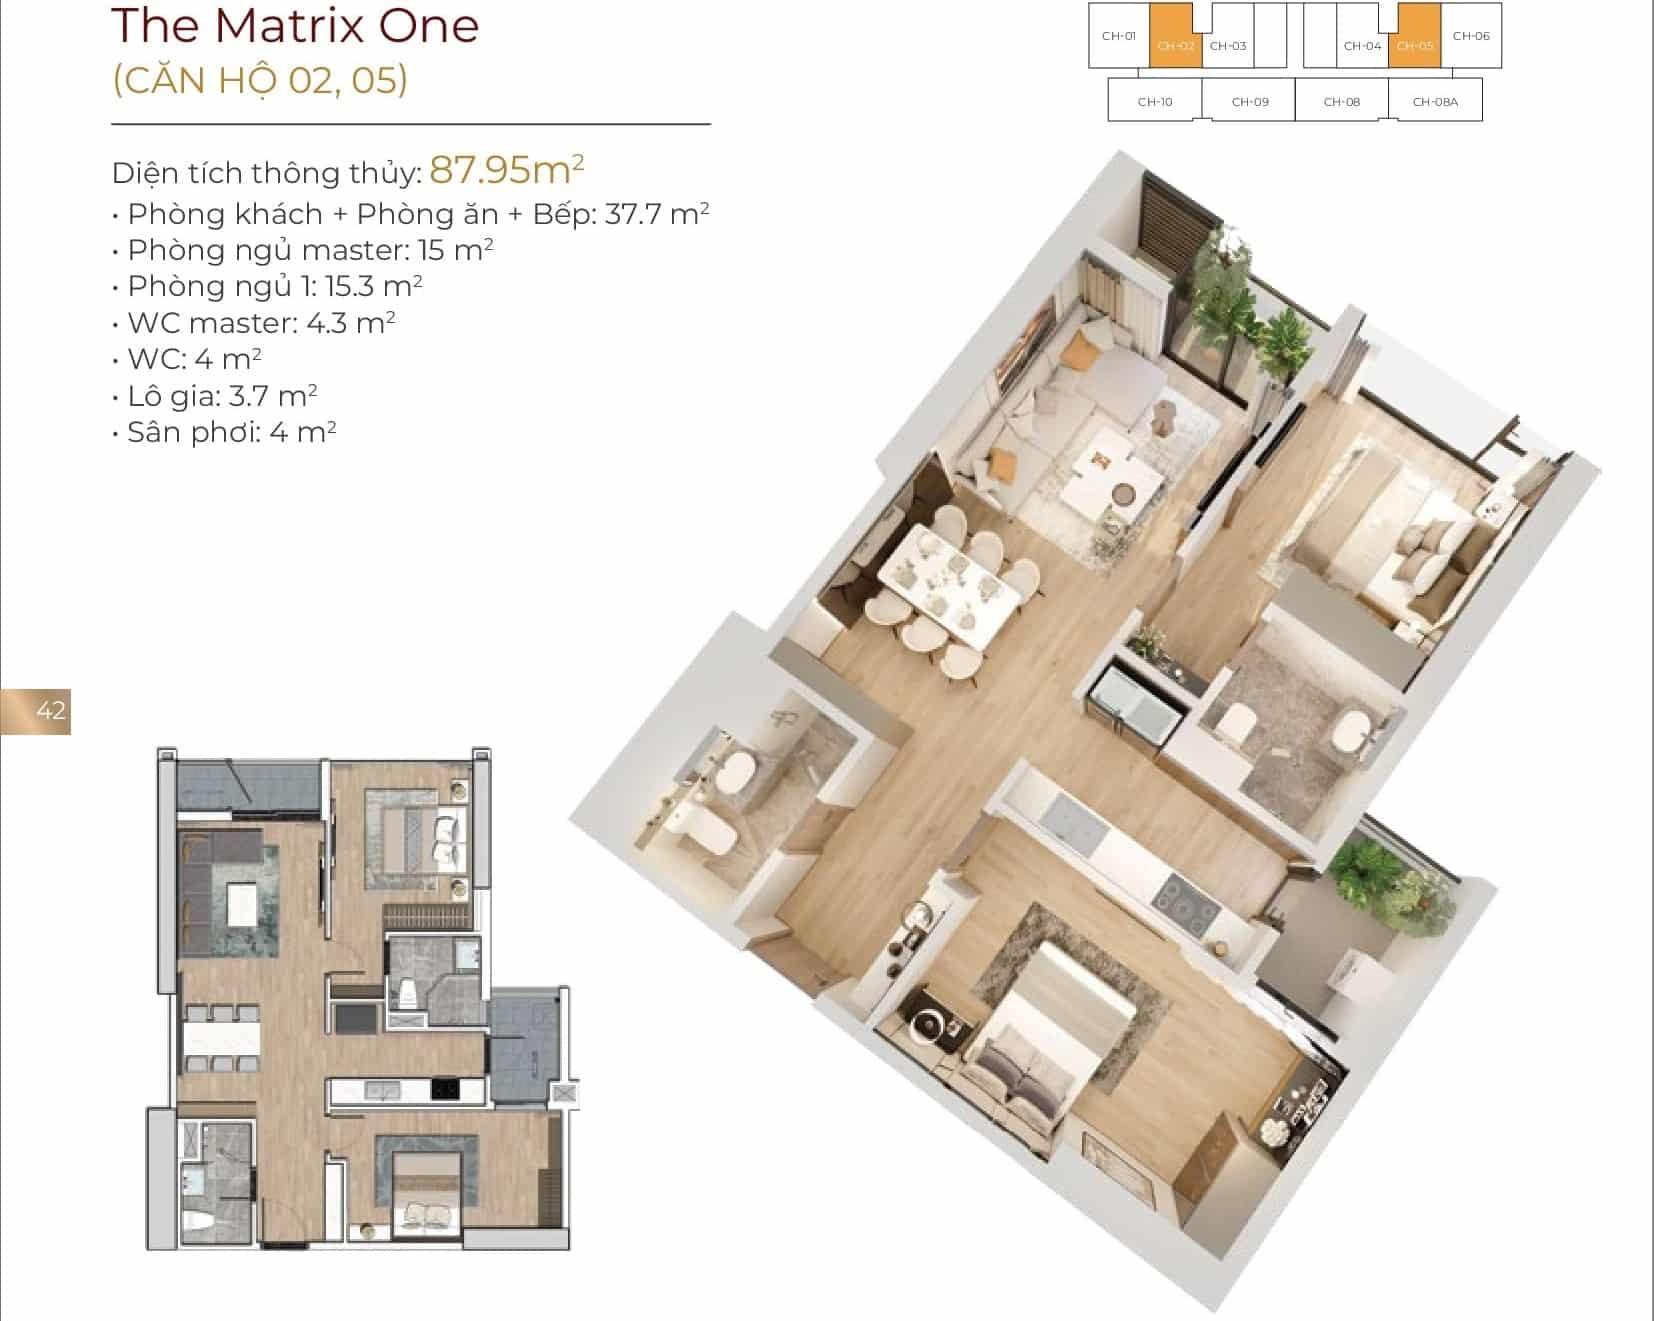 Thiết kế căn hộ 02, 05